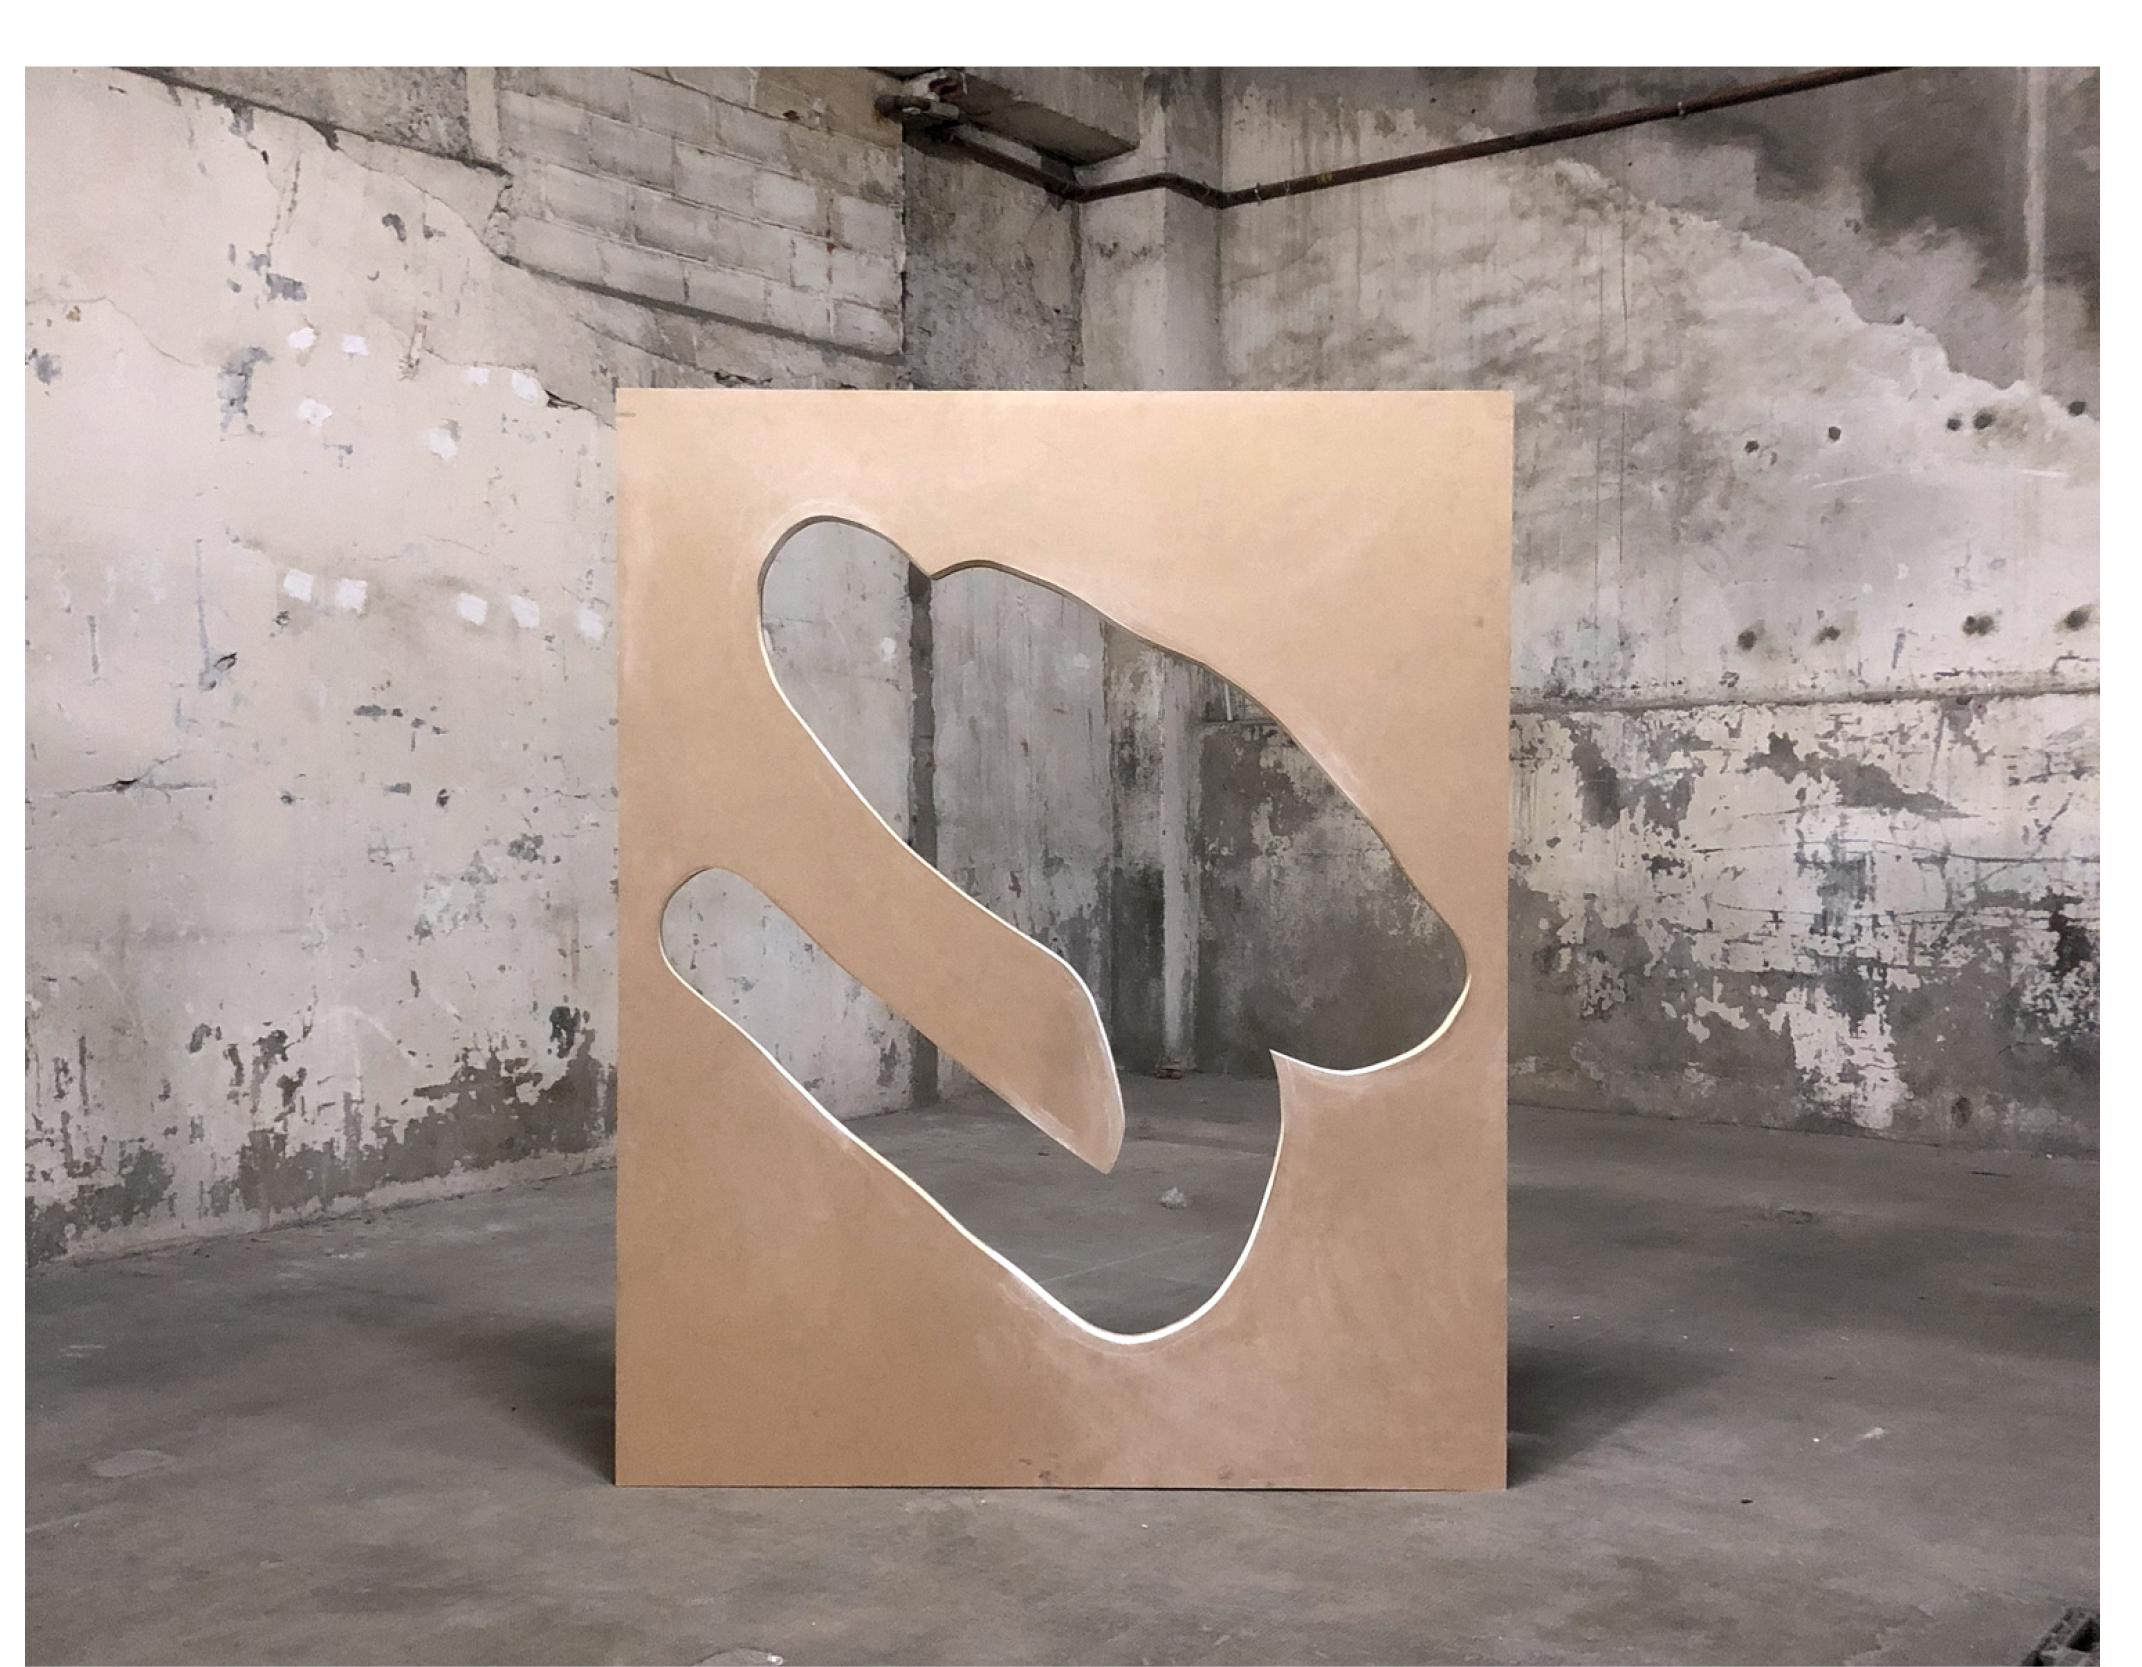 Interview with artist Valentin van der Meulen